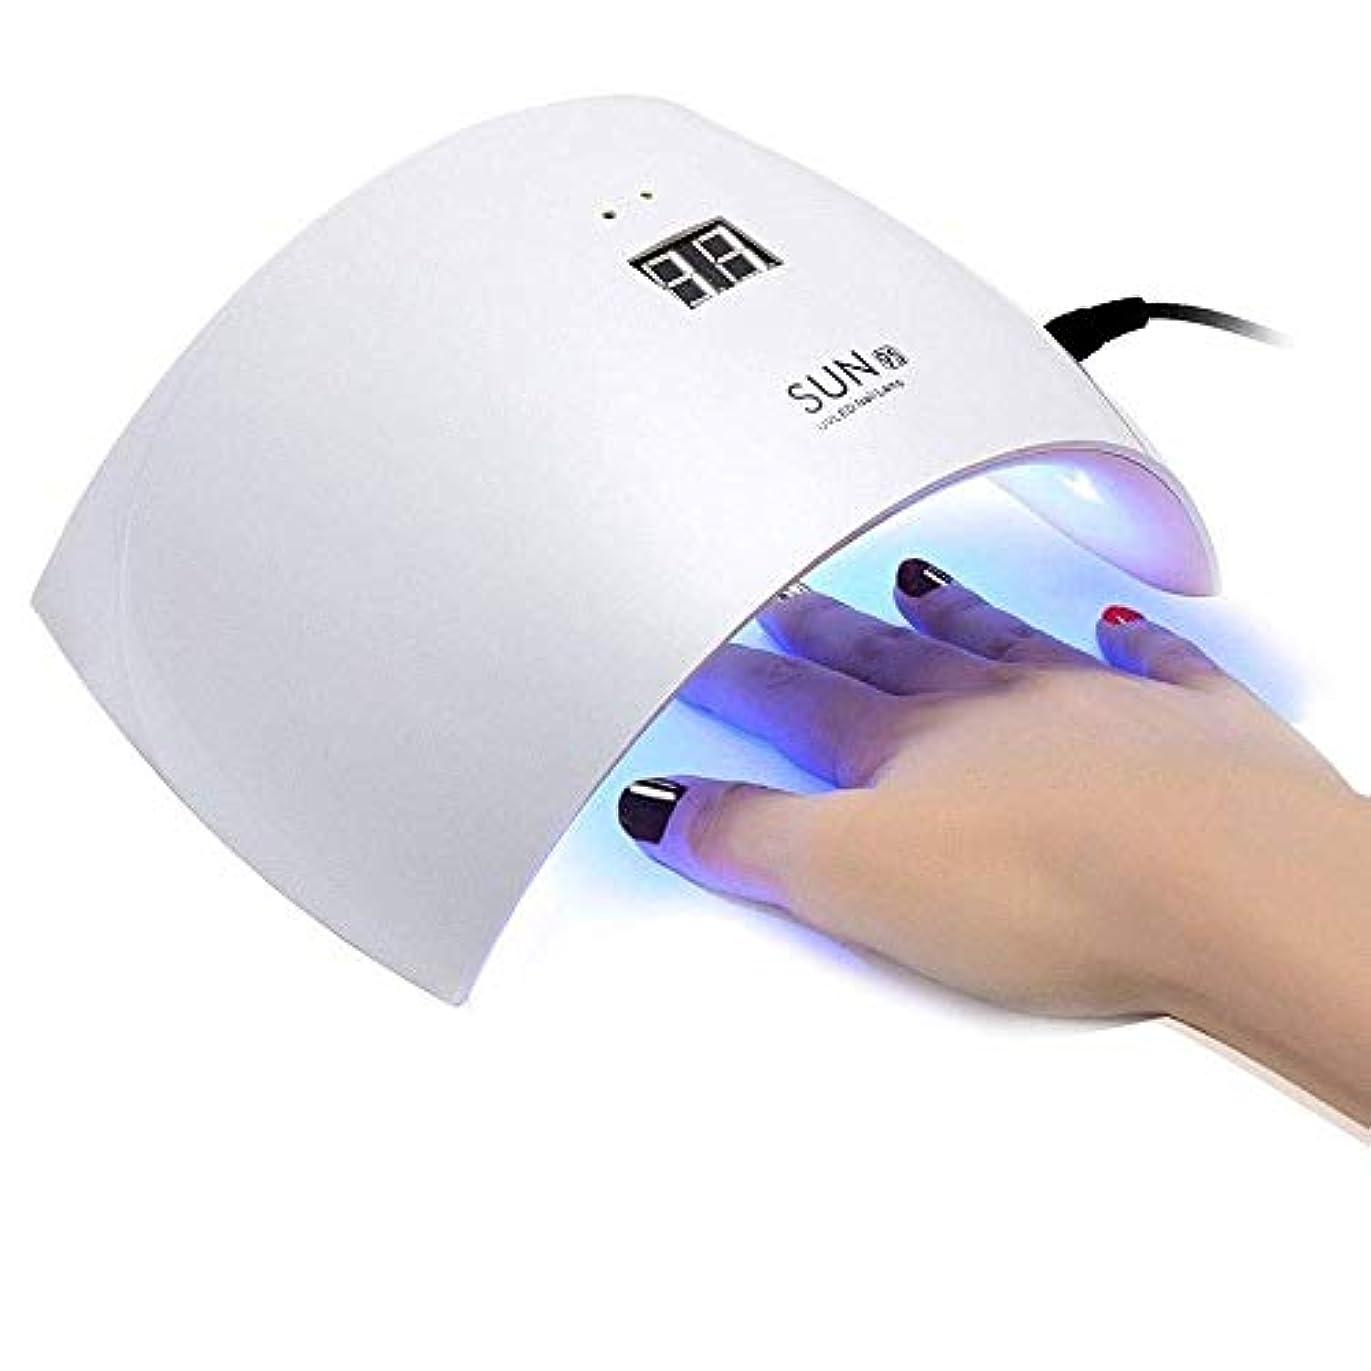 征服するモスクバーガーDHINGM ランプ、24Wの電源を爪。15 UV + LEDデュアルソースのLED、速硬化、非常にエネルギー効率、耐久性に優れたインテリジェントな自動センシングは、爪を傷つけることはありません